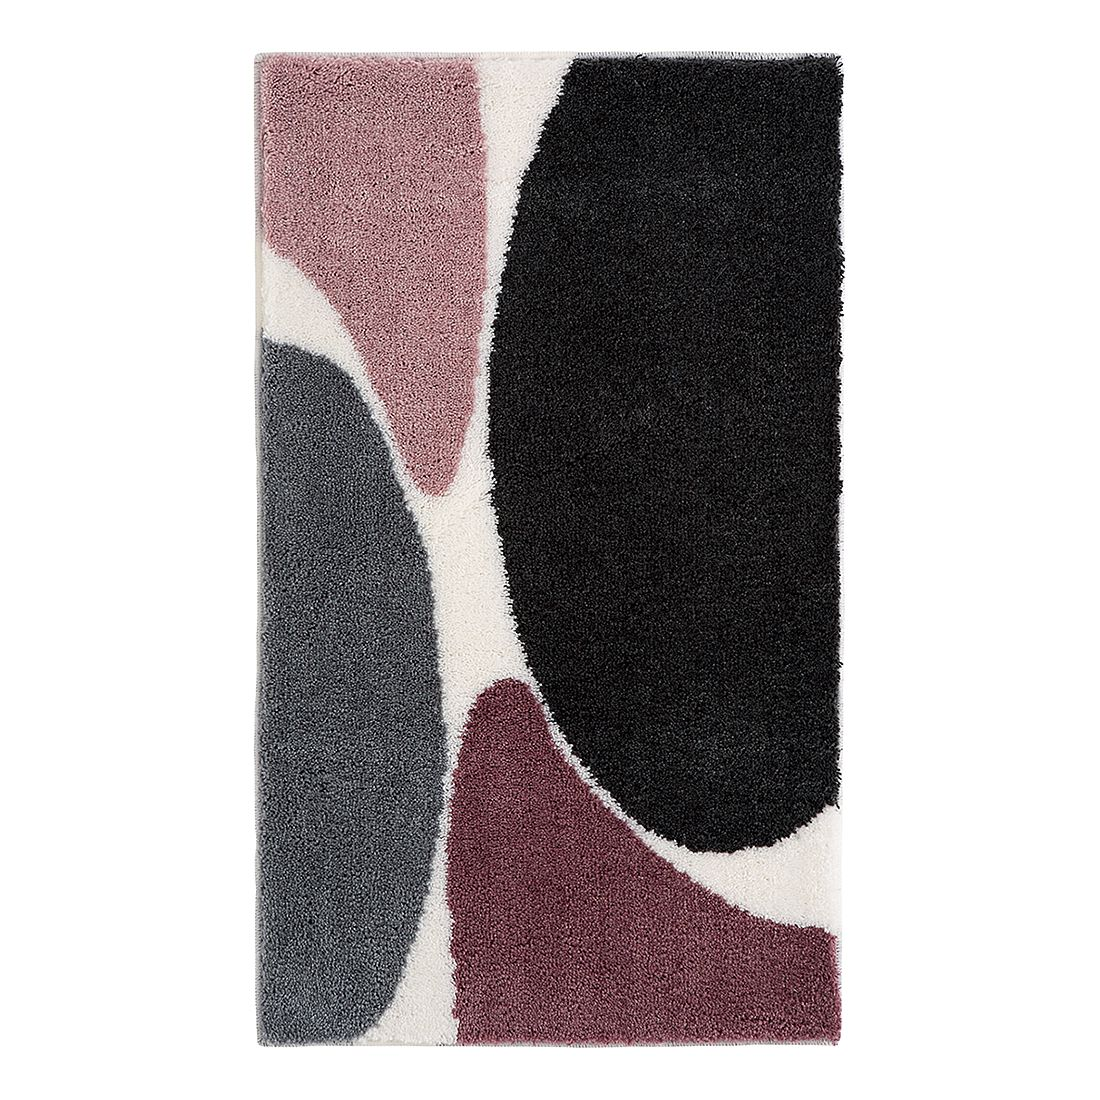 badteppich dada two aubergine gr e 70 x 120 cm grund g nstig online kaufen. Black Bedroom Furniture Sets. Home Design Ideas